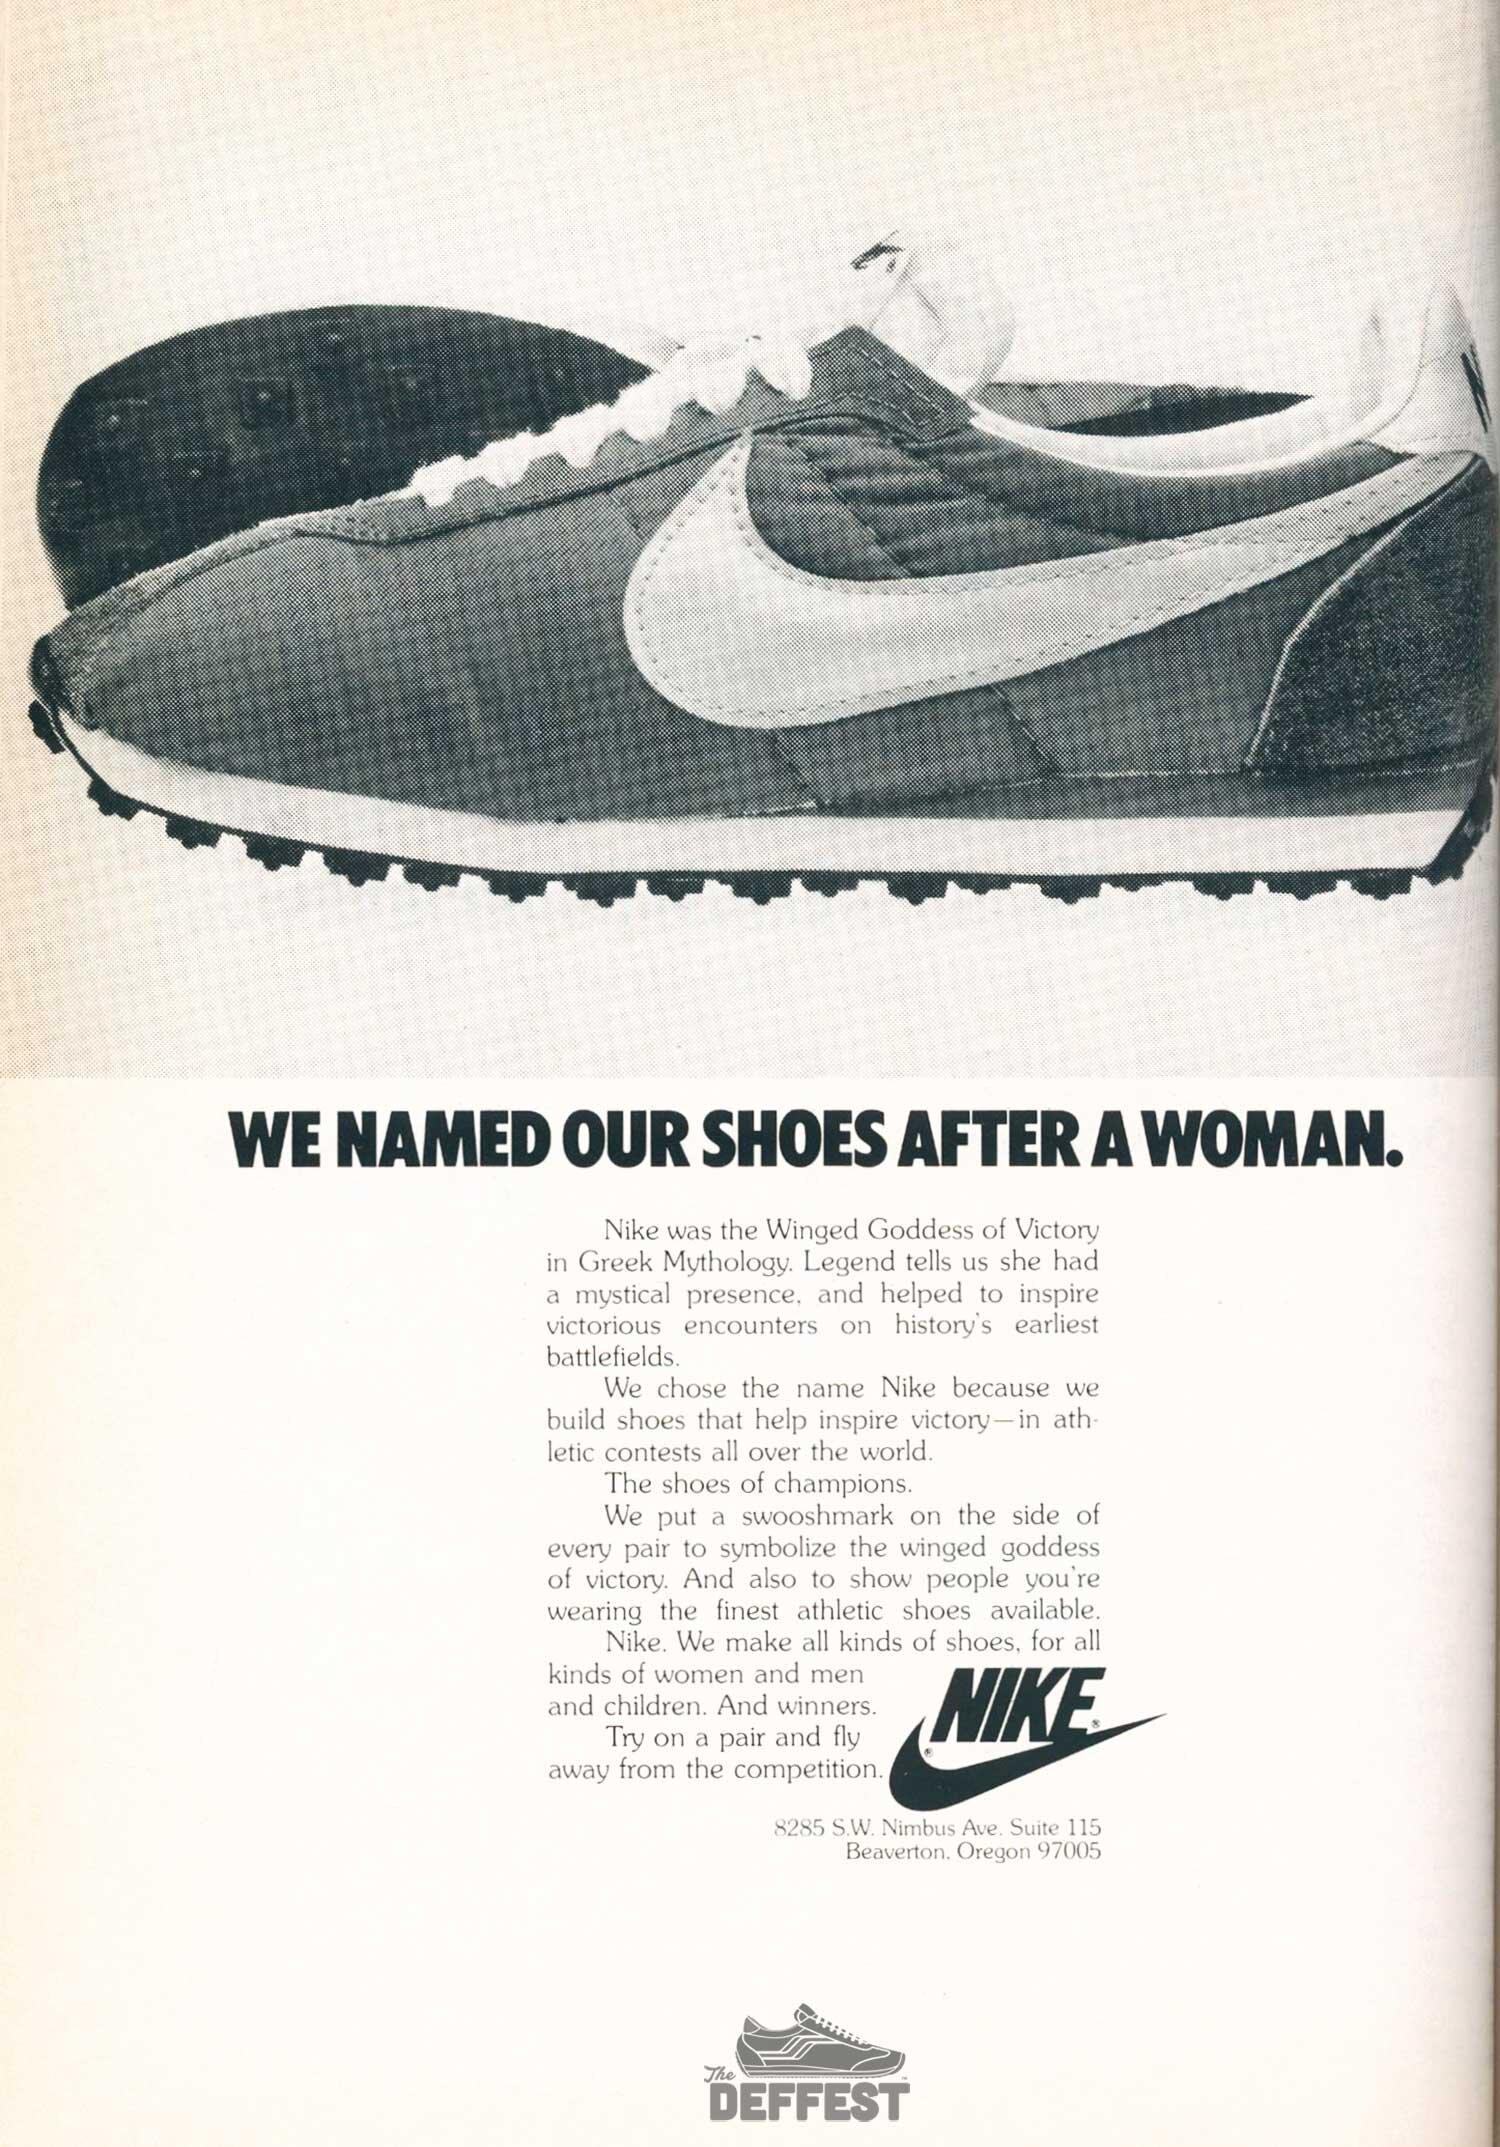 Vintage Nike The Deffest A Vintage And Retro Sneaker Blog Vintage Ads